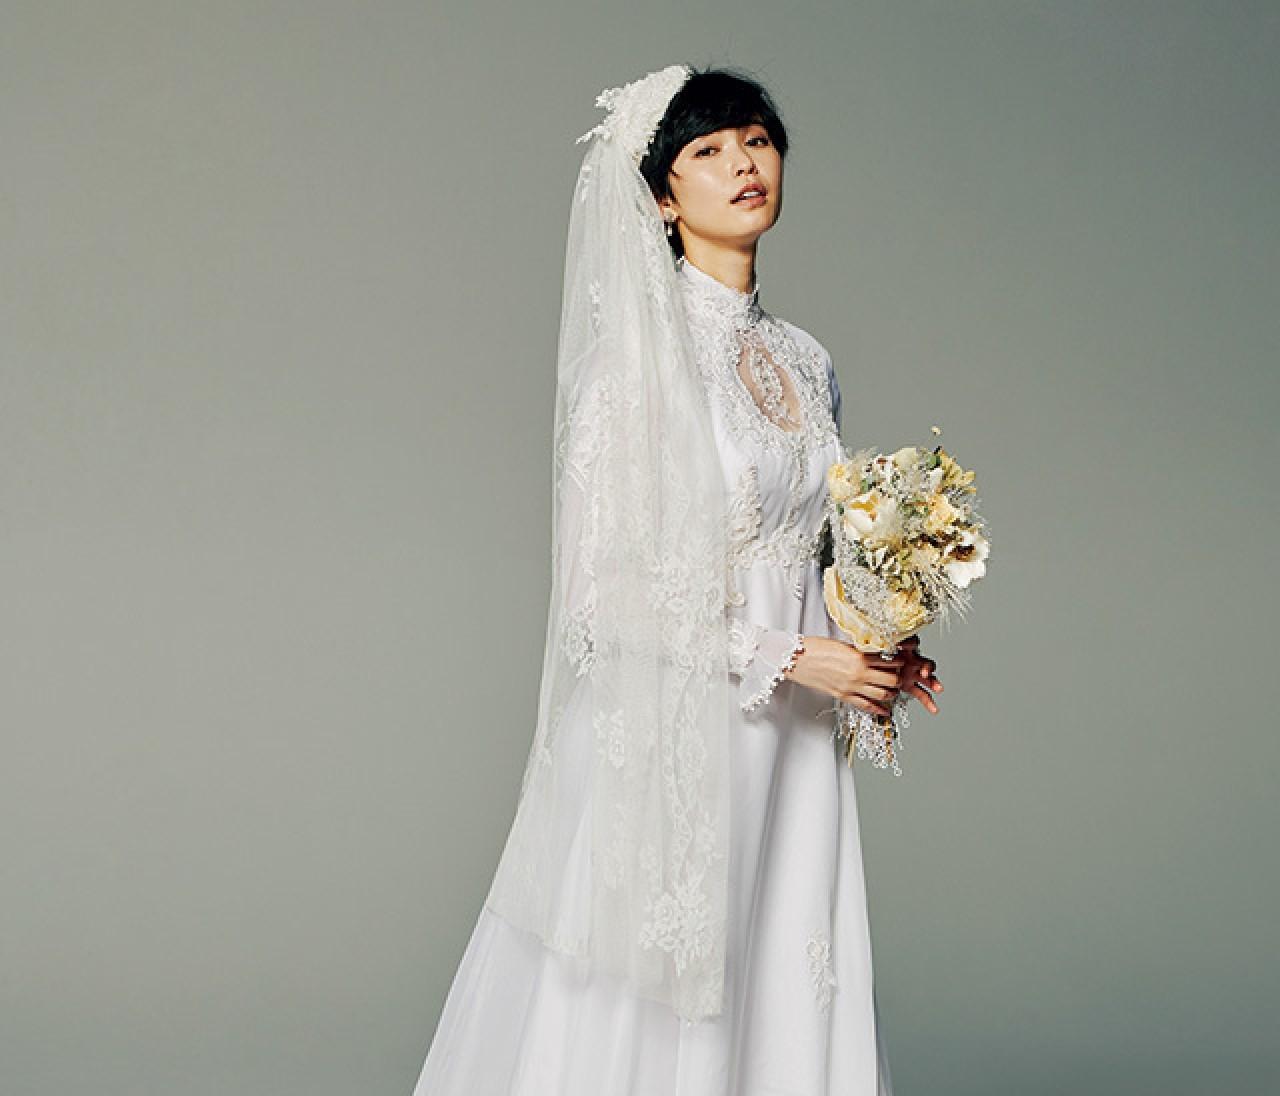 ヴィンテージ感のあるラスティックドレス【普段の自分から選ぶドレス 4】